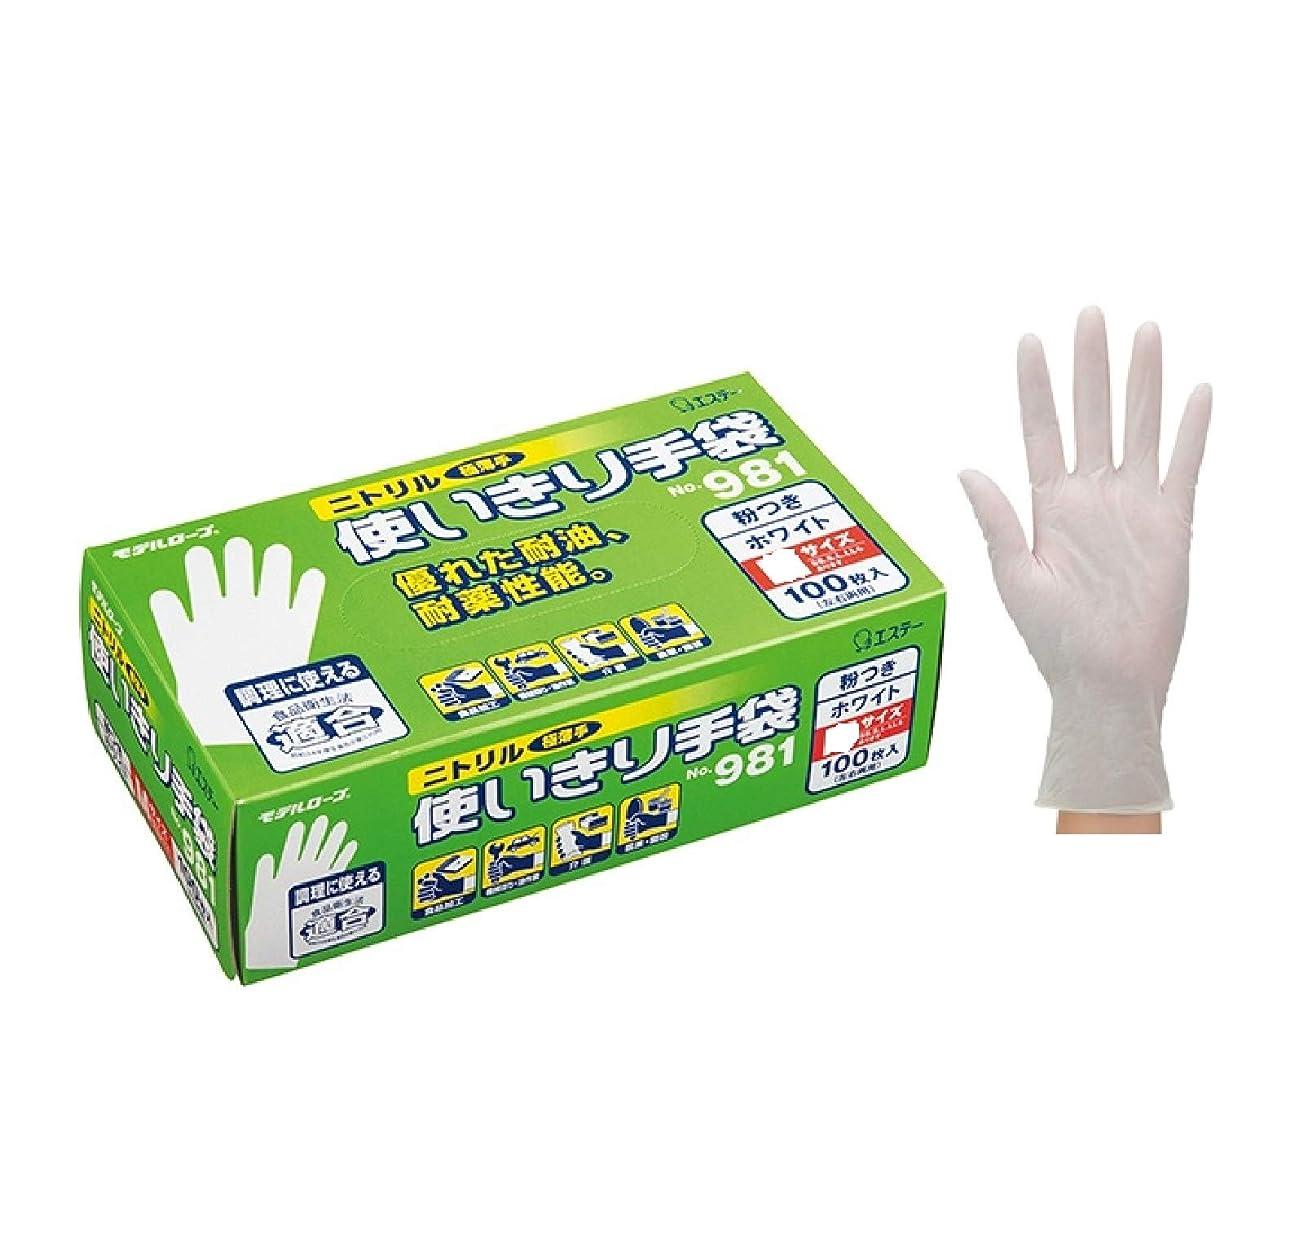 エクステントじゃがいも叫ぶインテリア 日用雑貨 掃除用品 ニトリル手袋 粉付 No981 M 12箱